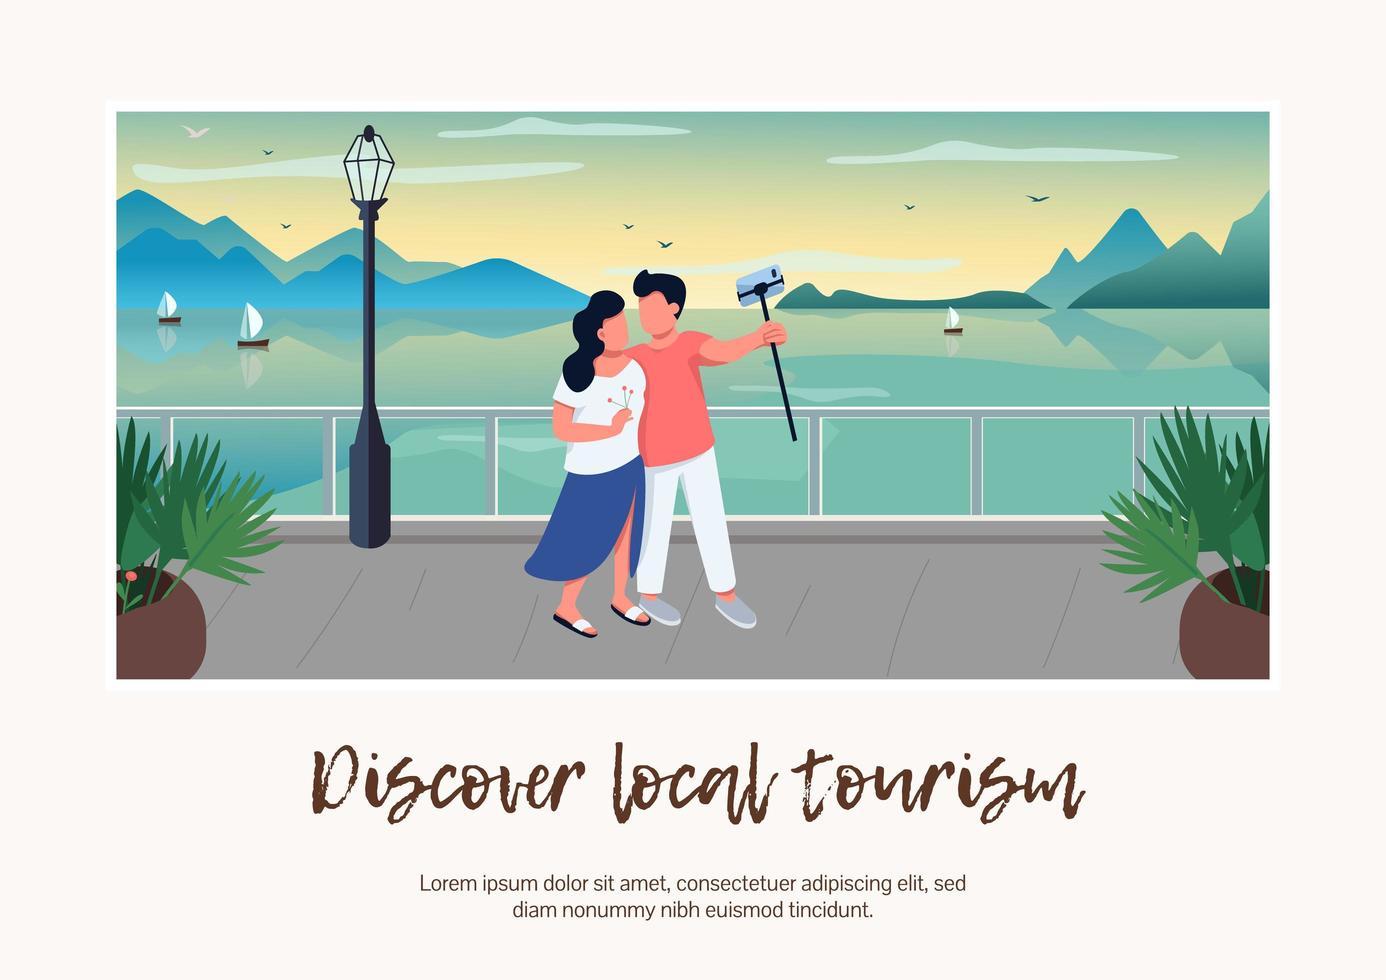 ontdek de banner voor lokaal toerisme vector